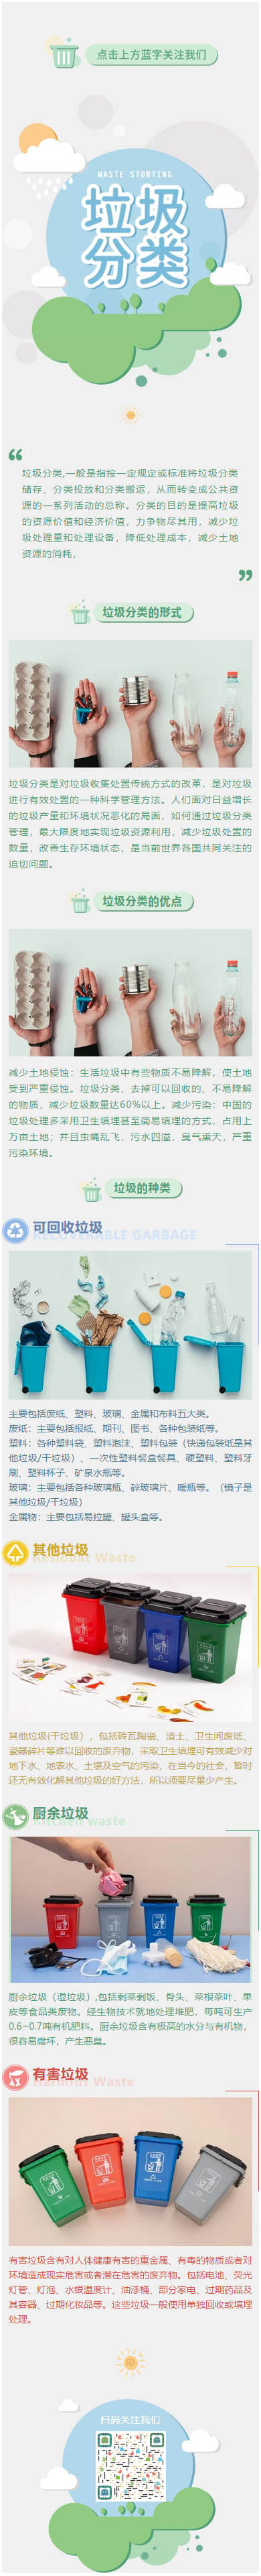 微信公众号推文模板垃圾分类可回收垃圾有害垃圾推送图文素材